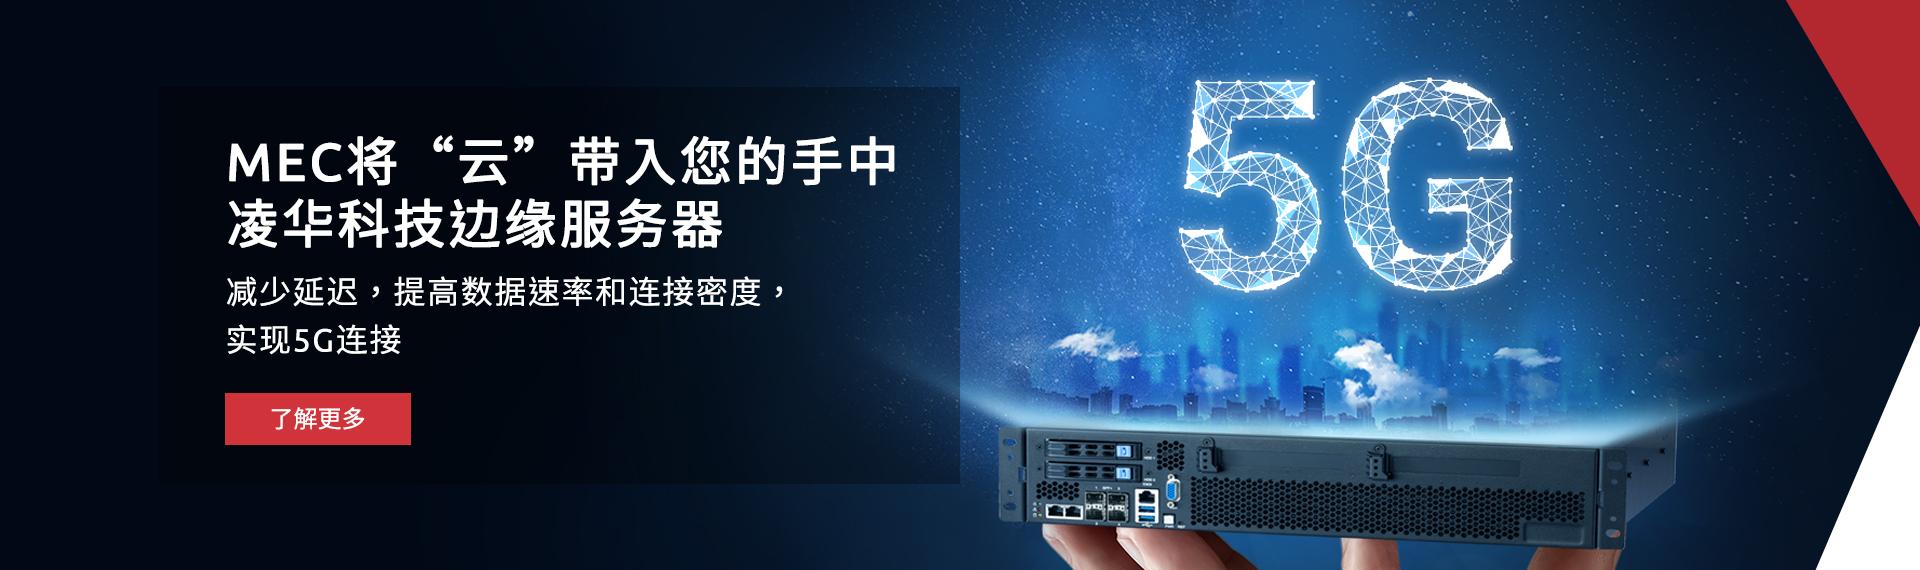 5G Multi-access Edge Computing (MEC)